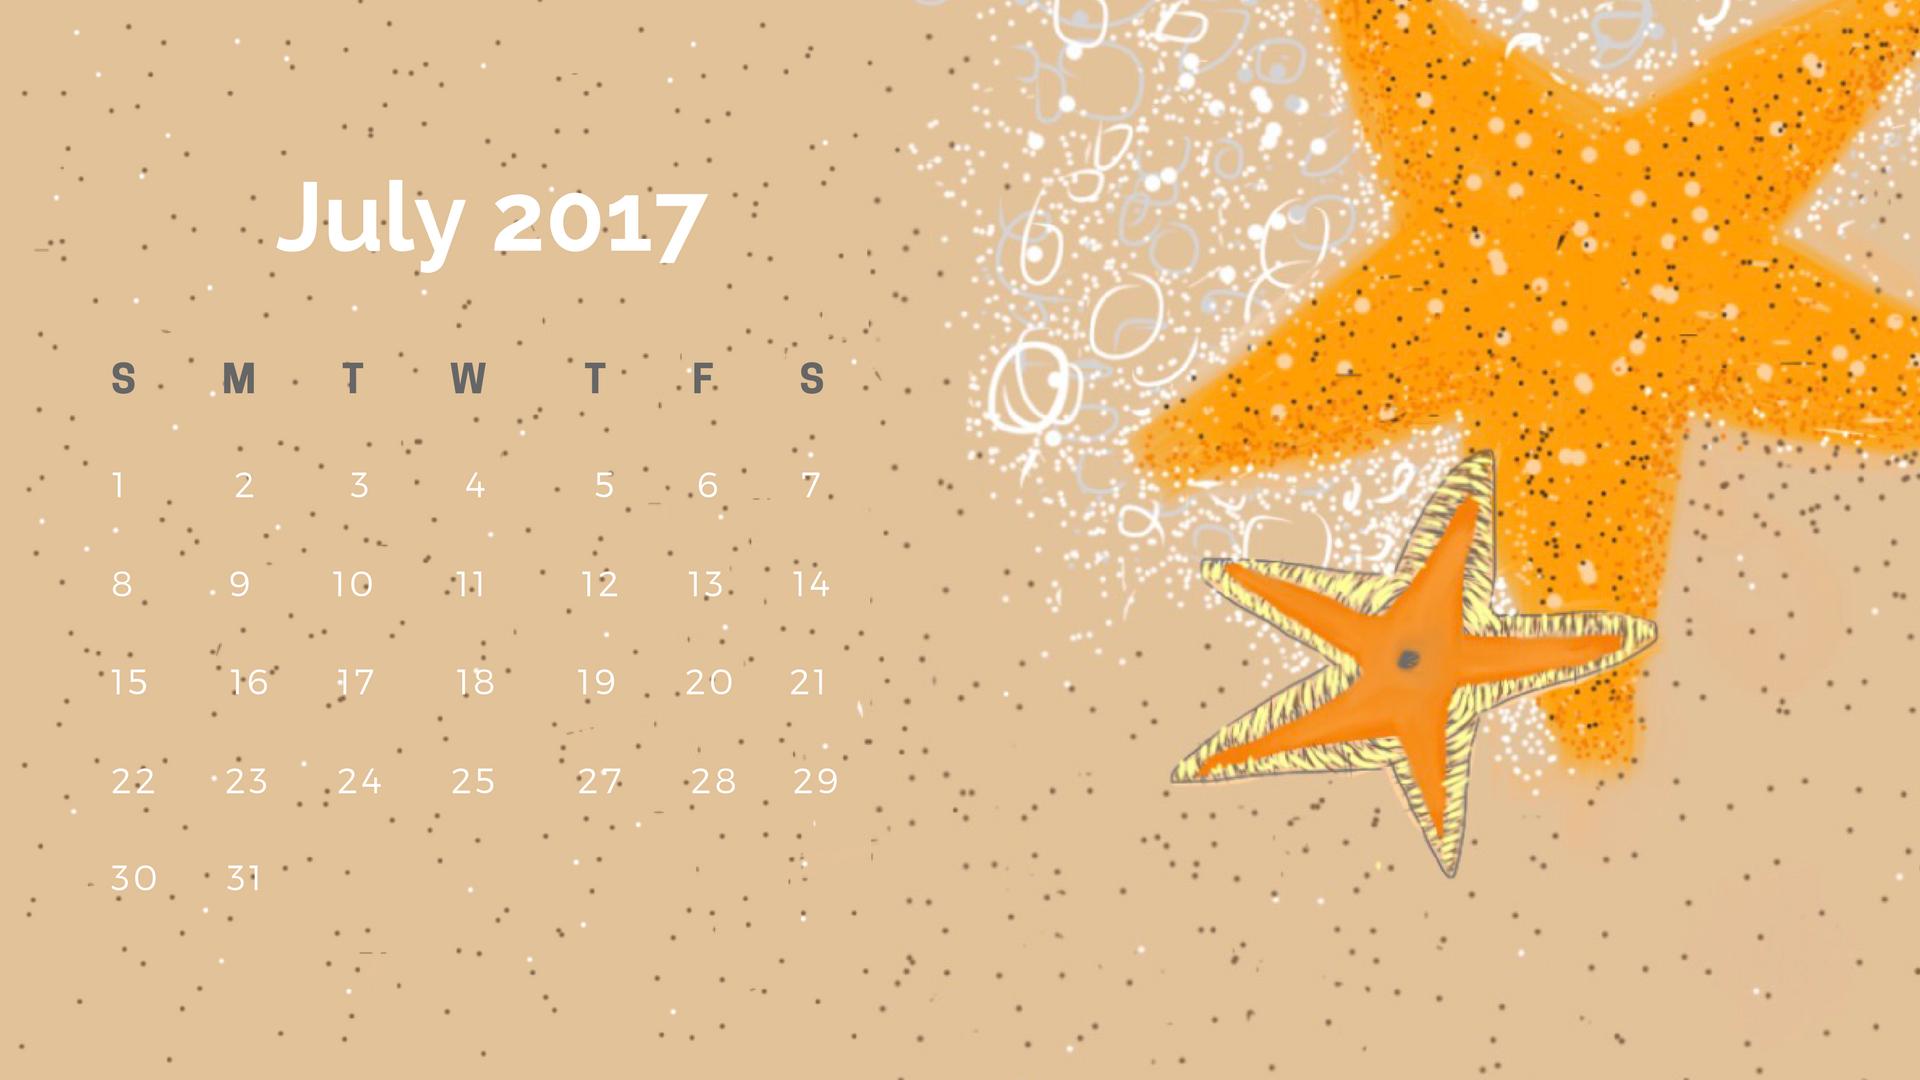 Starfish Calendar July 2017